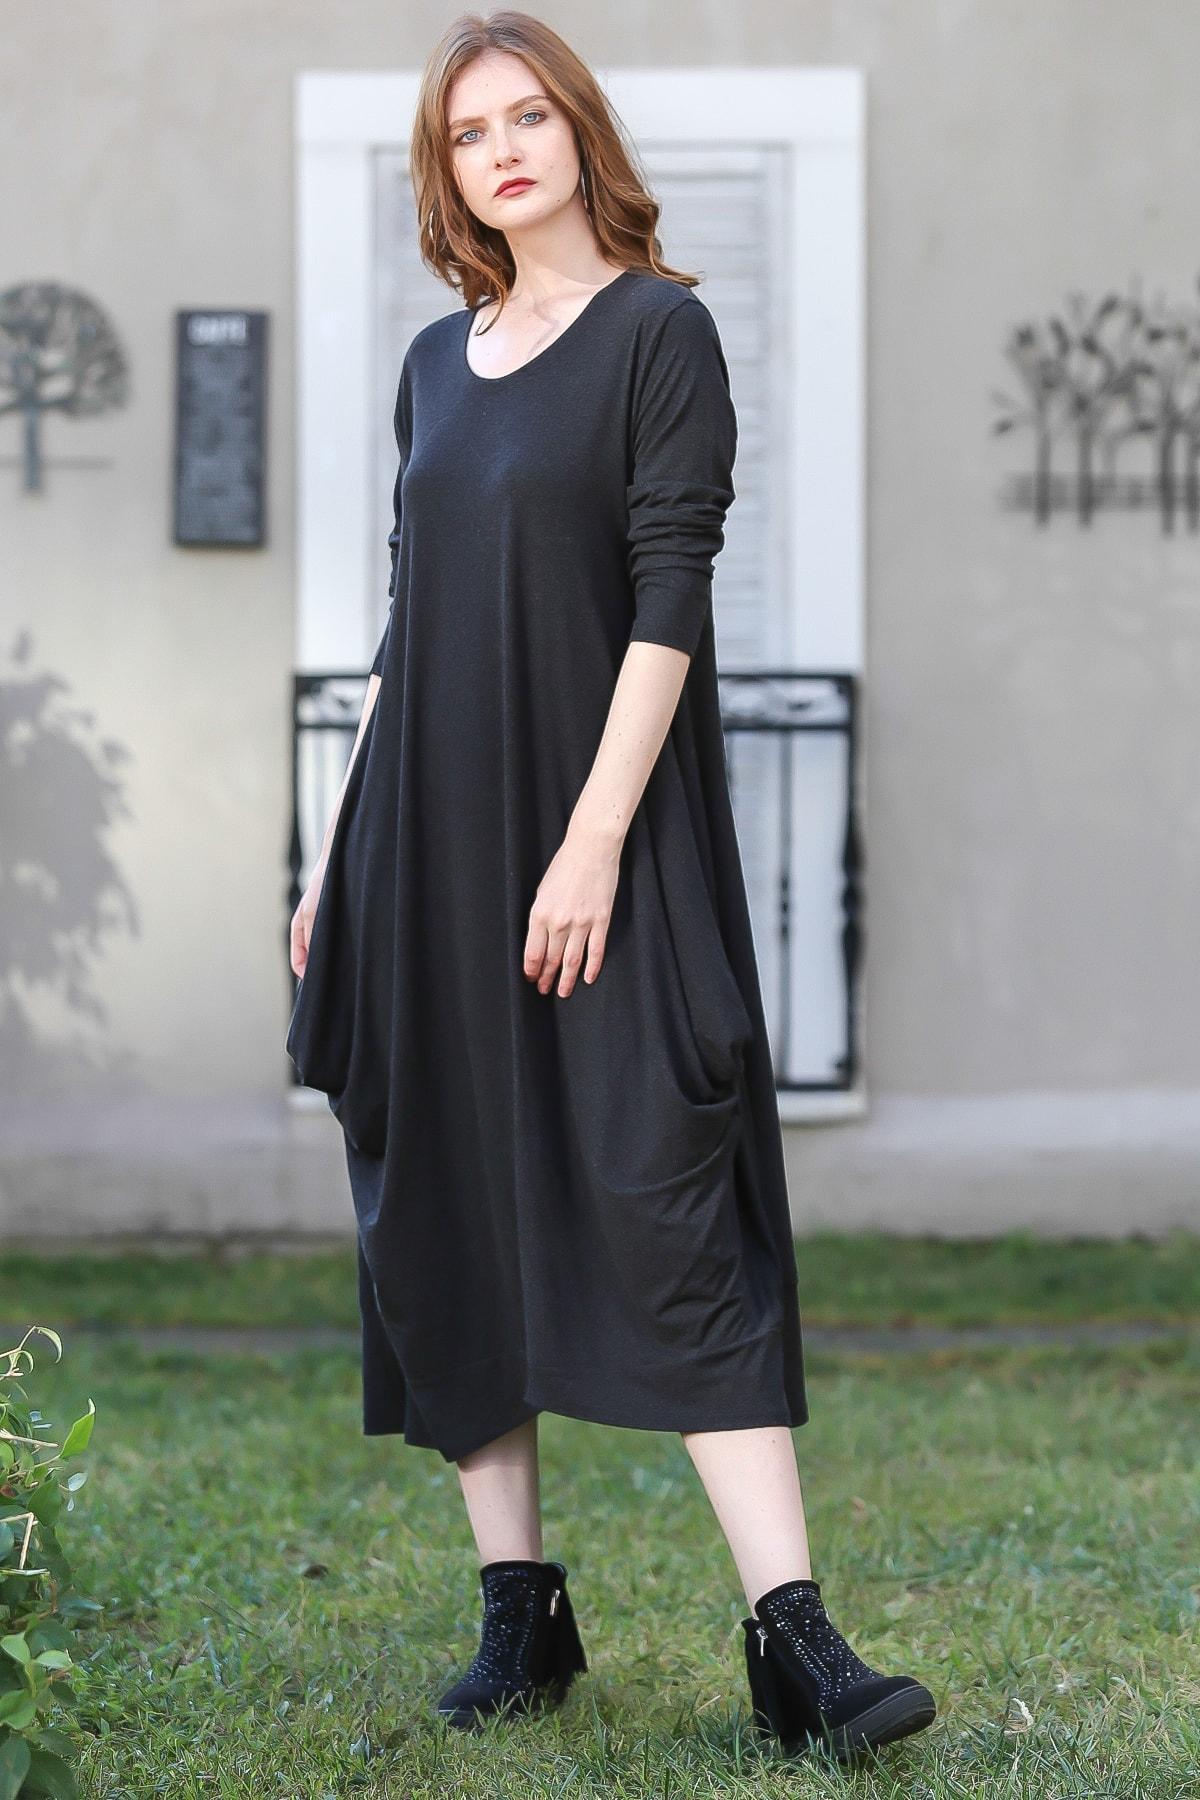 Chiccy Kadın Antrasit Bohem Salaş Yanları Dikişli Uzun Elbise M10160000EL96203